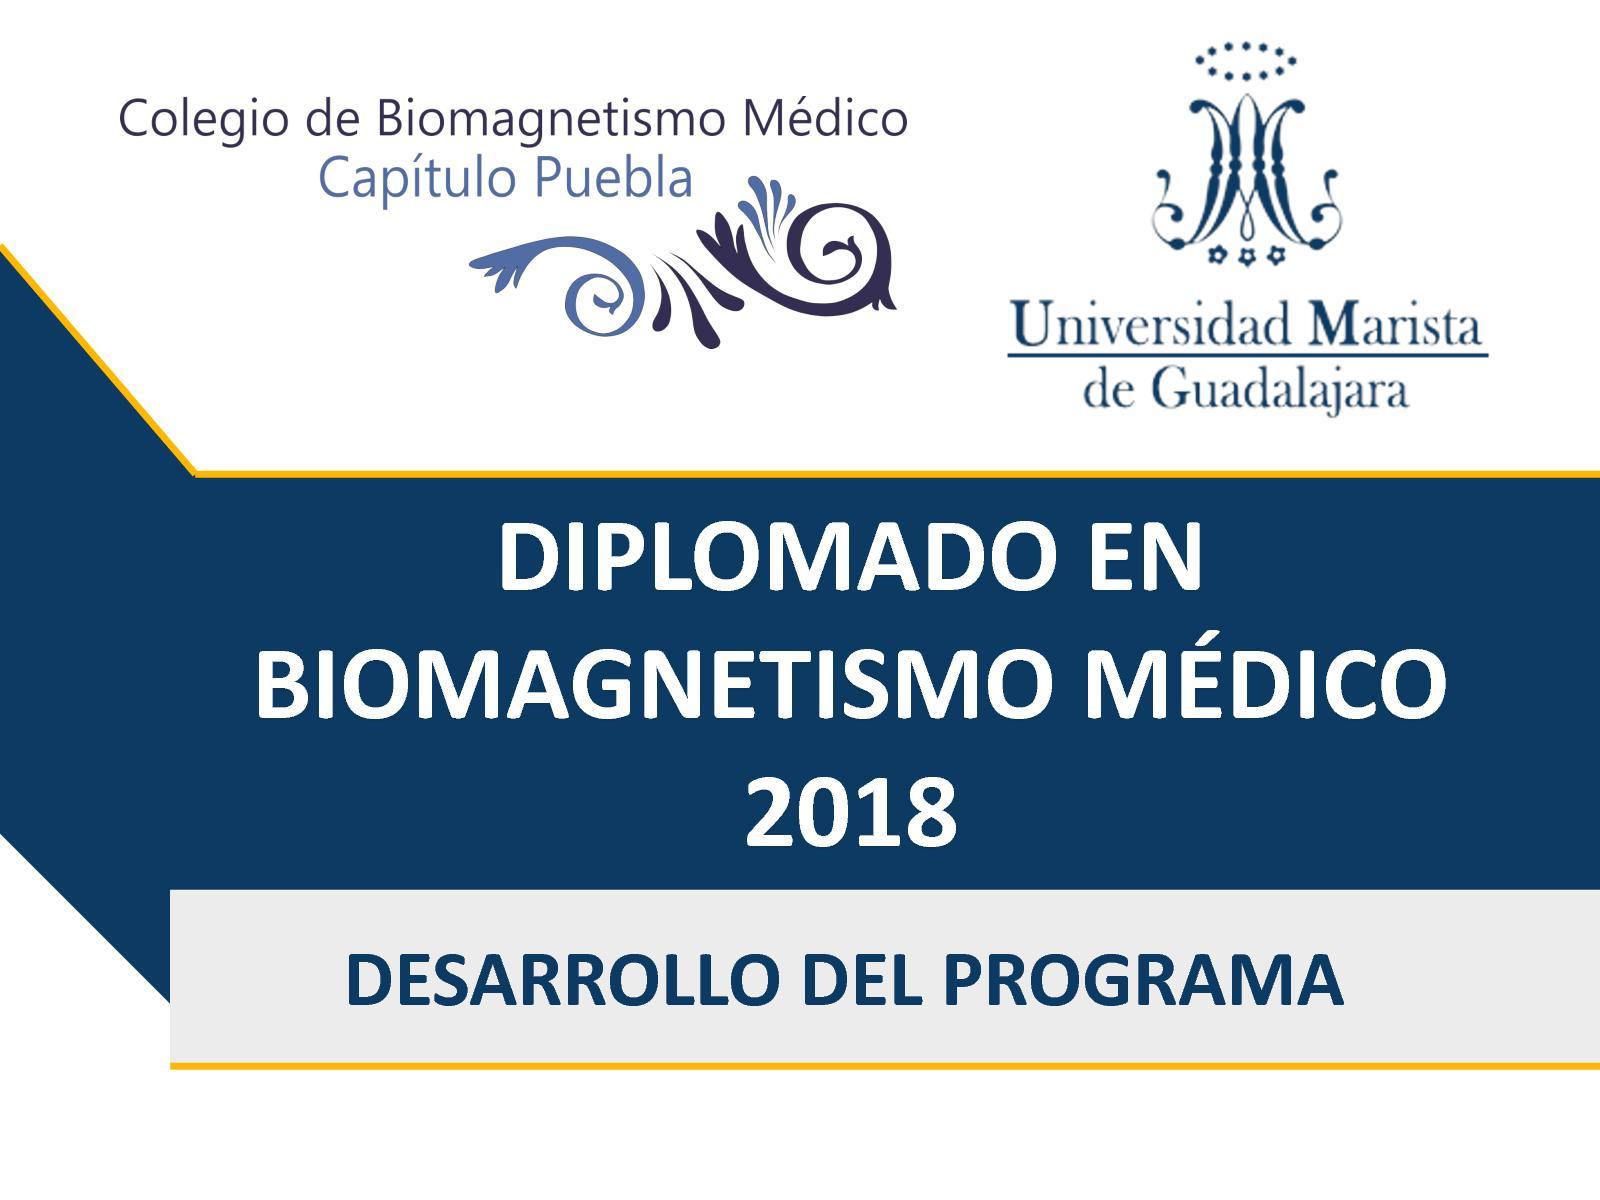 Calaméo - UMG DIPLOMADO EN BIOMAGNETISMO MEDICO